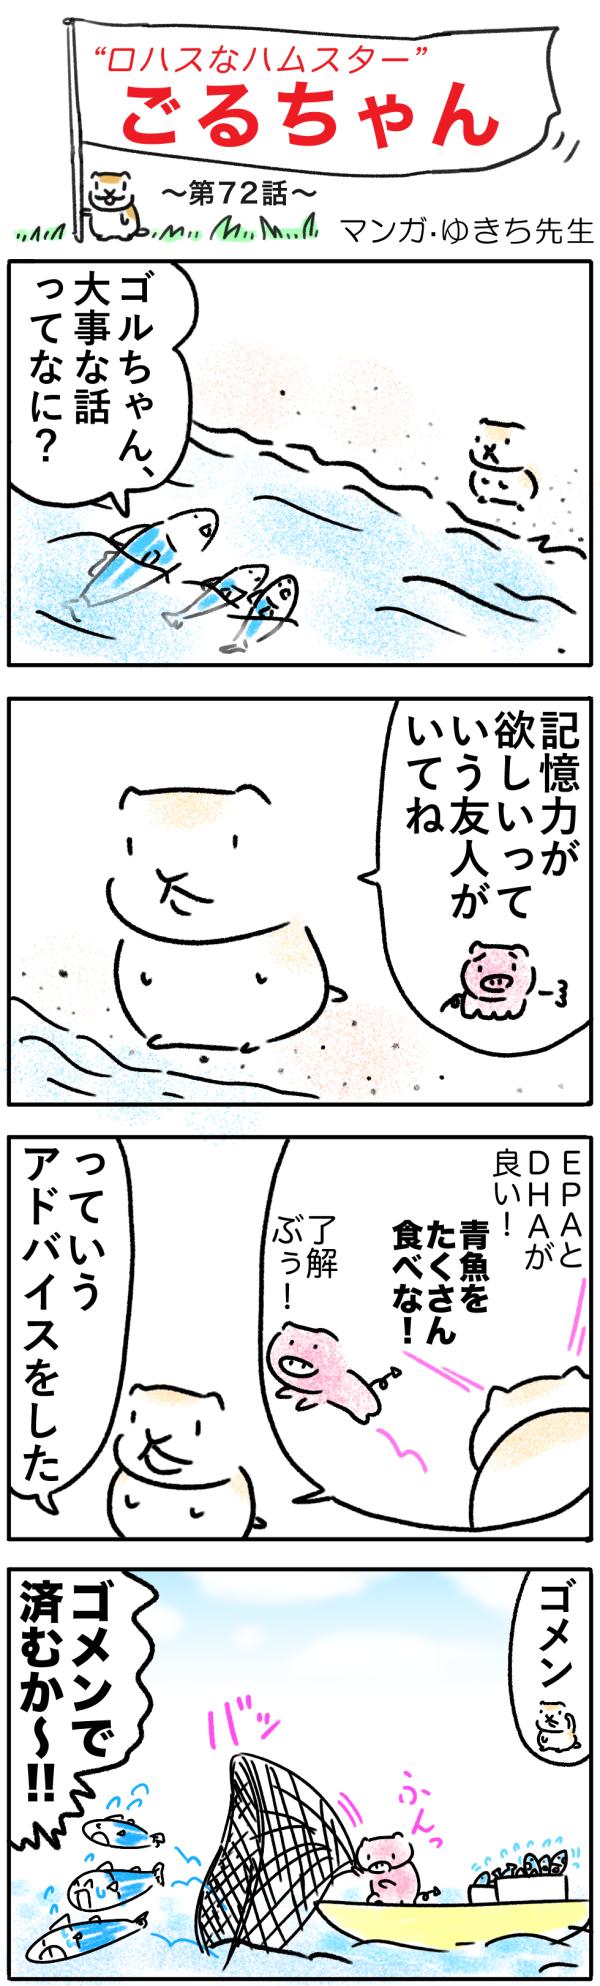 青魚のDHA